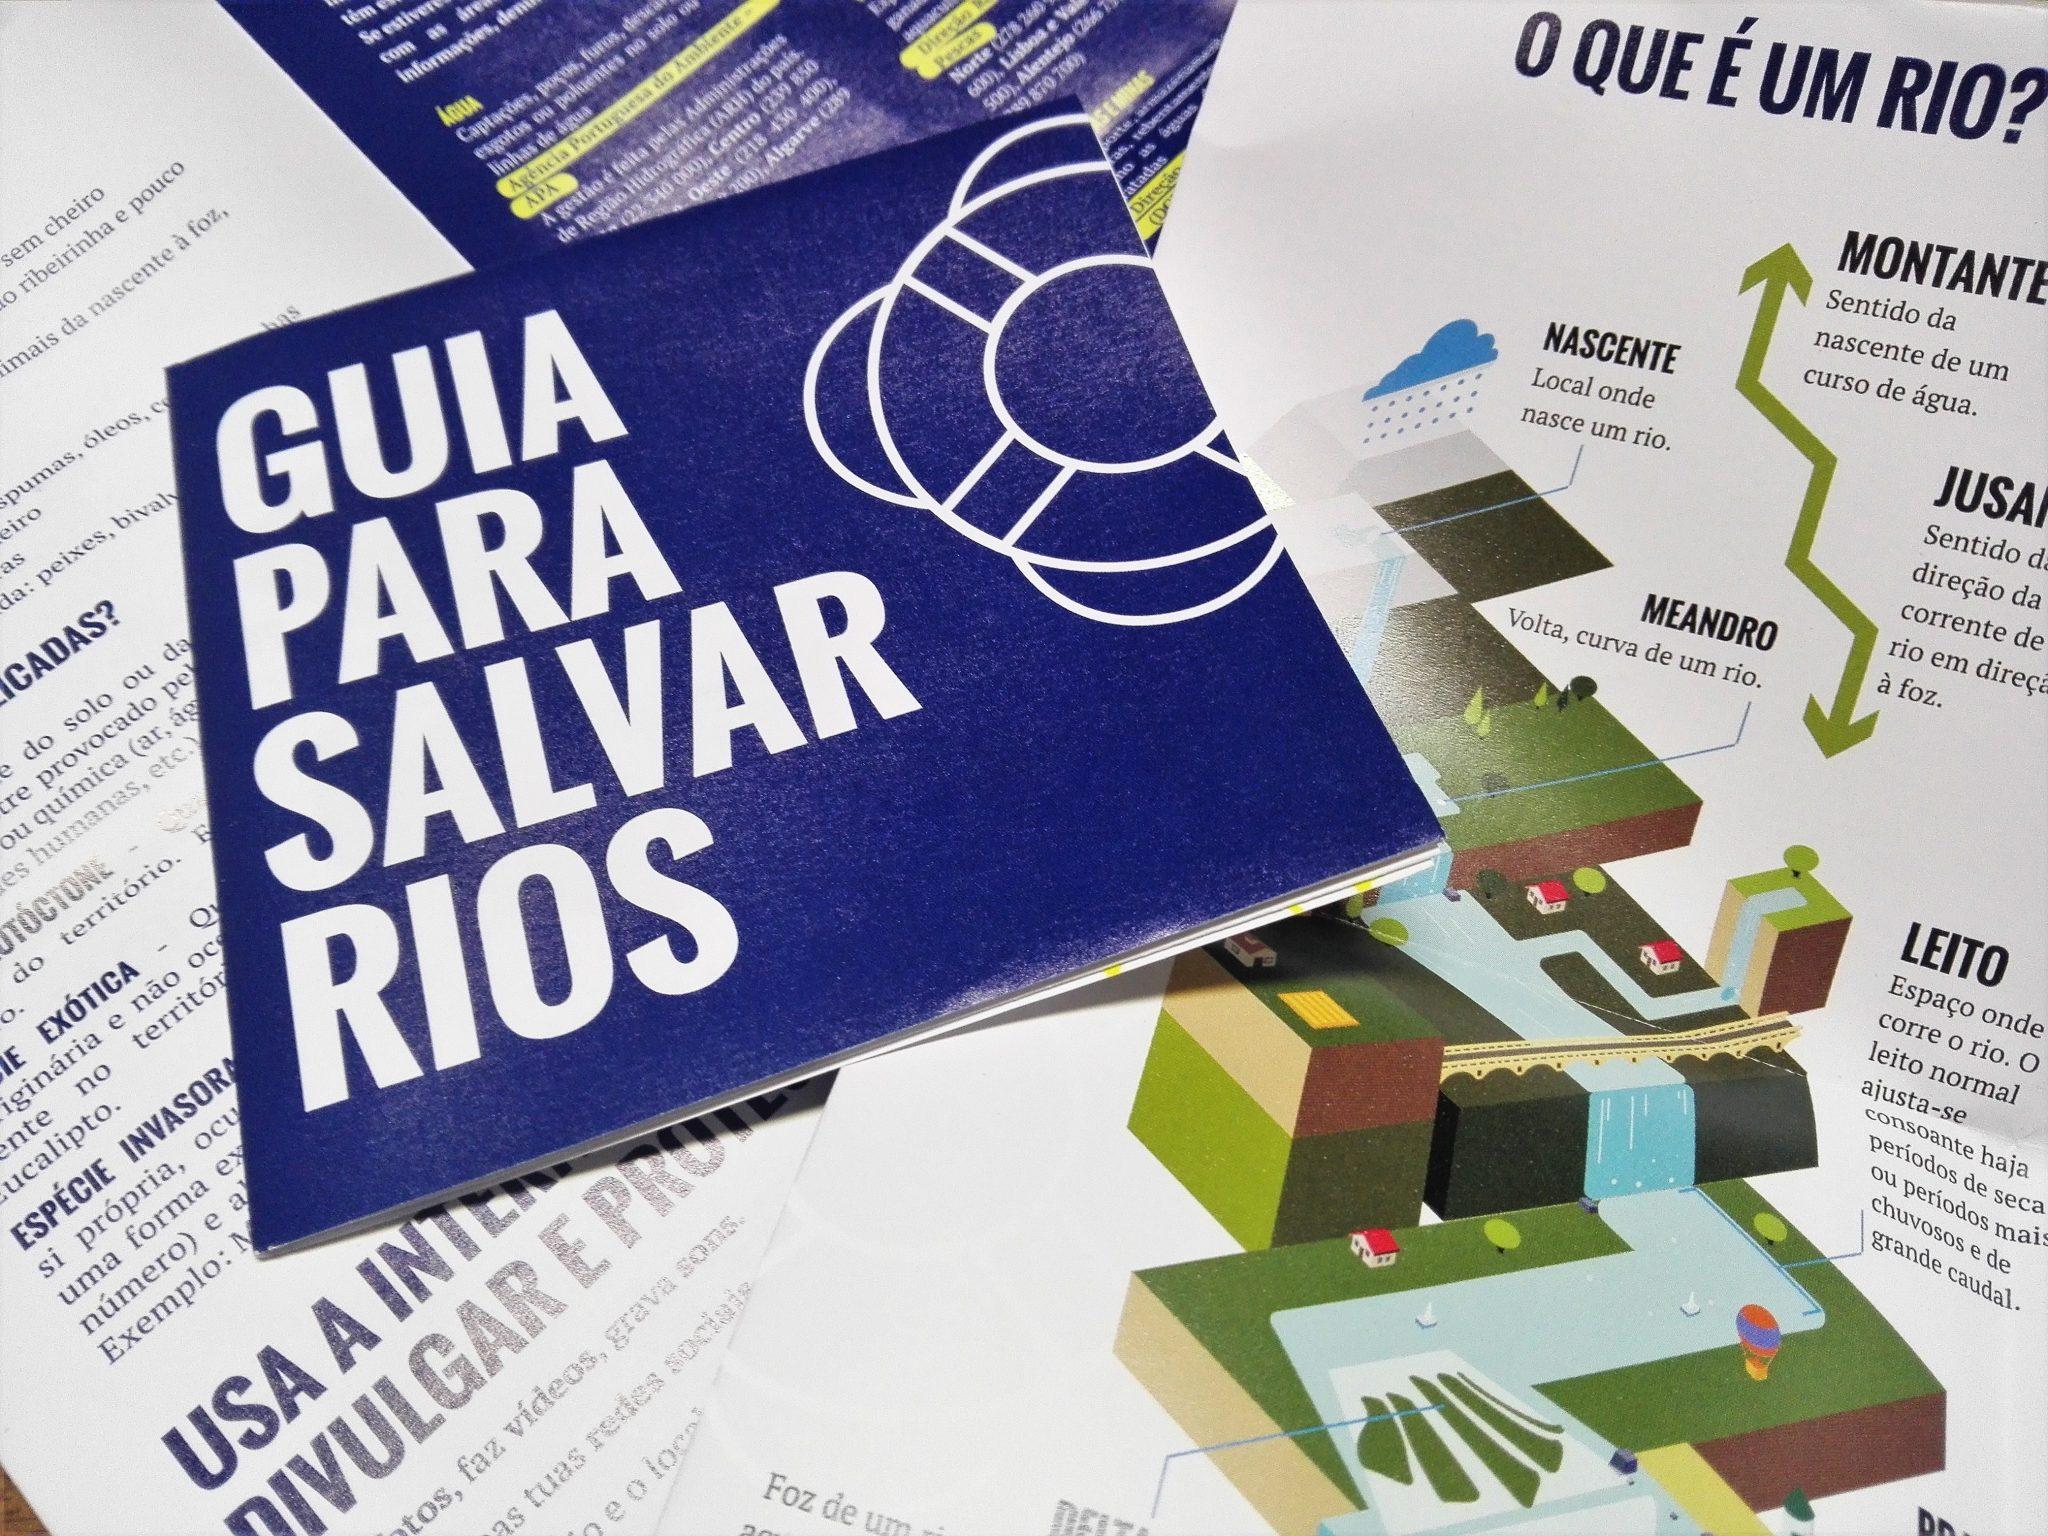 Guia para Salvar Rios lançado nas escolas de Amarante